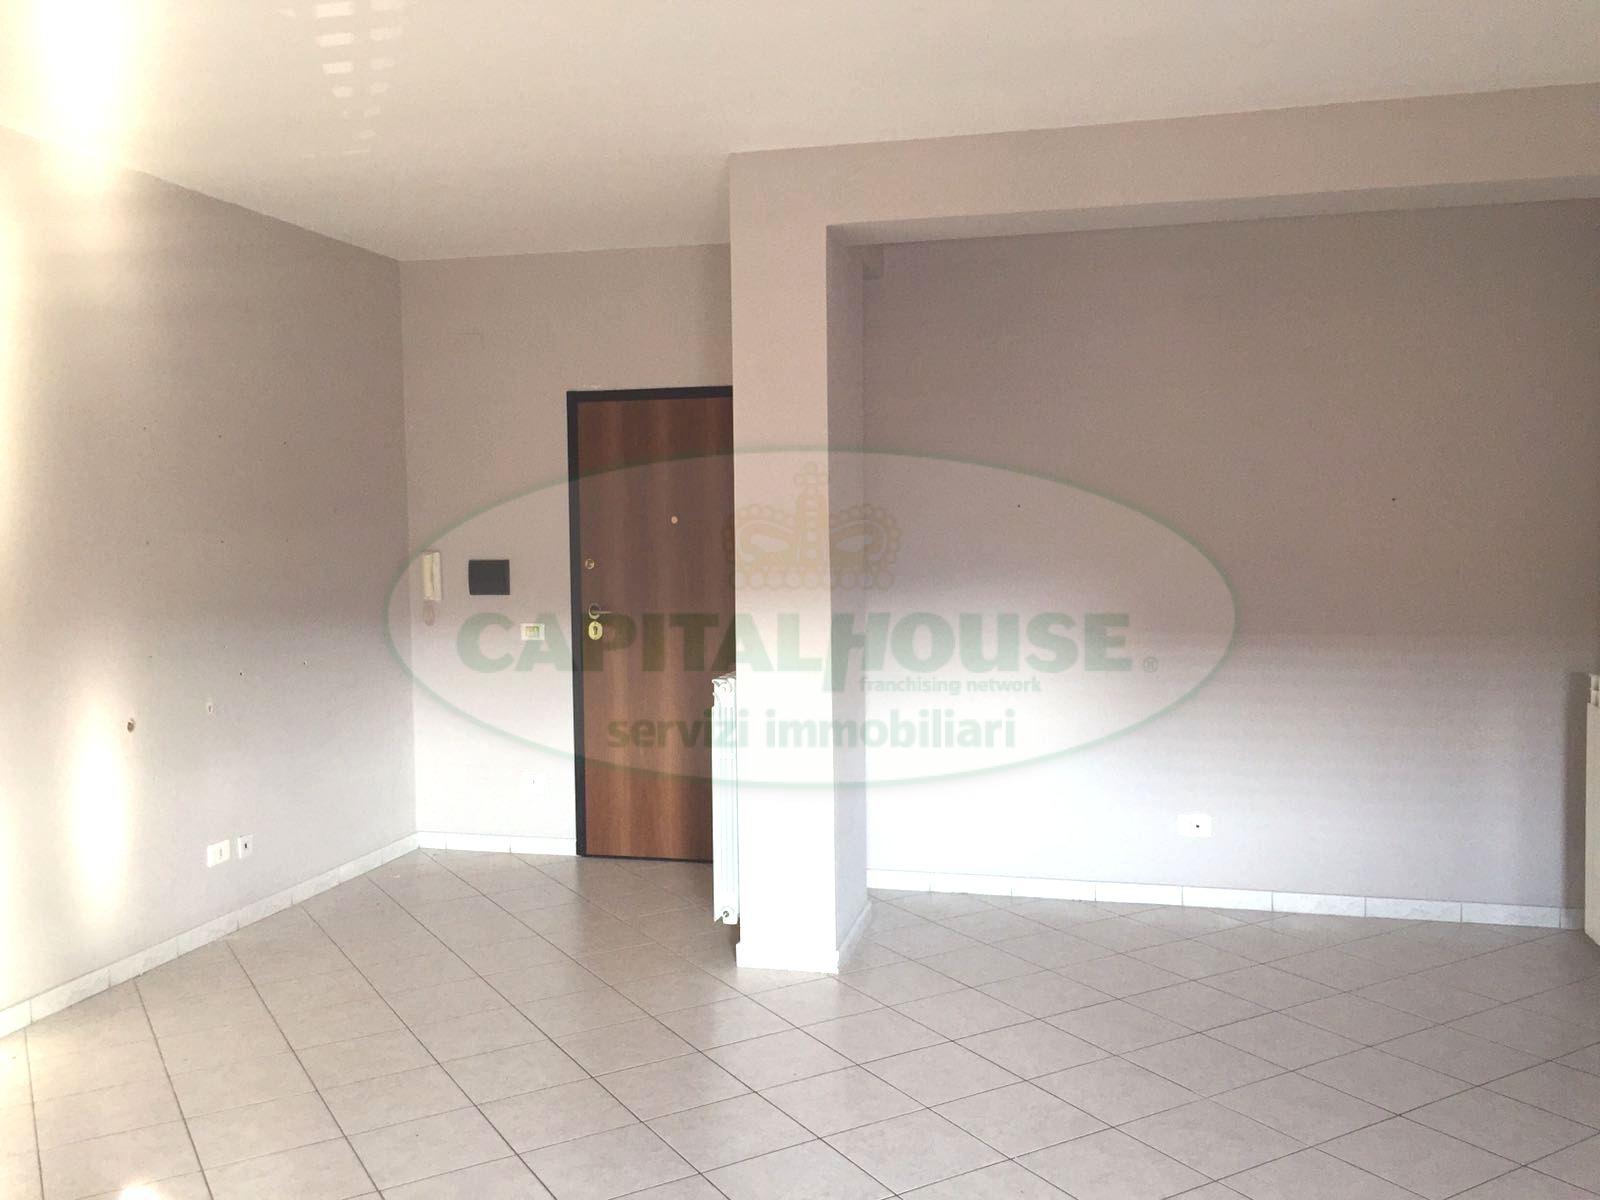 Appartamento in affitto a Pratola Serra, 4 locali, prezzo € 320 | Cambio Casa.it